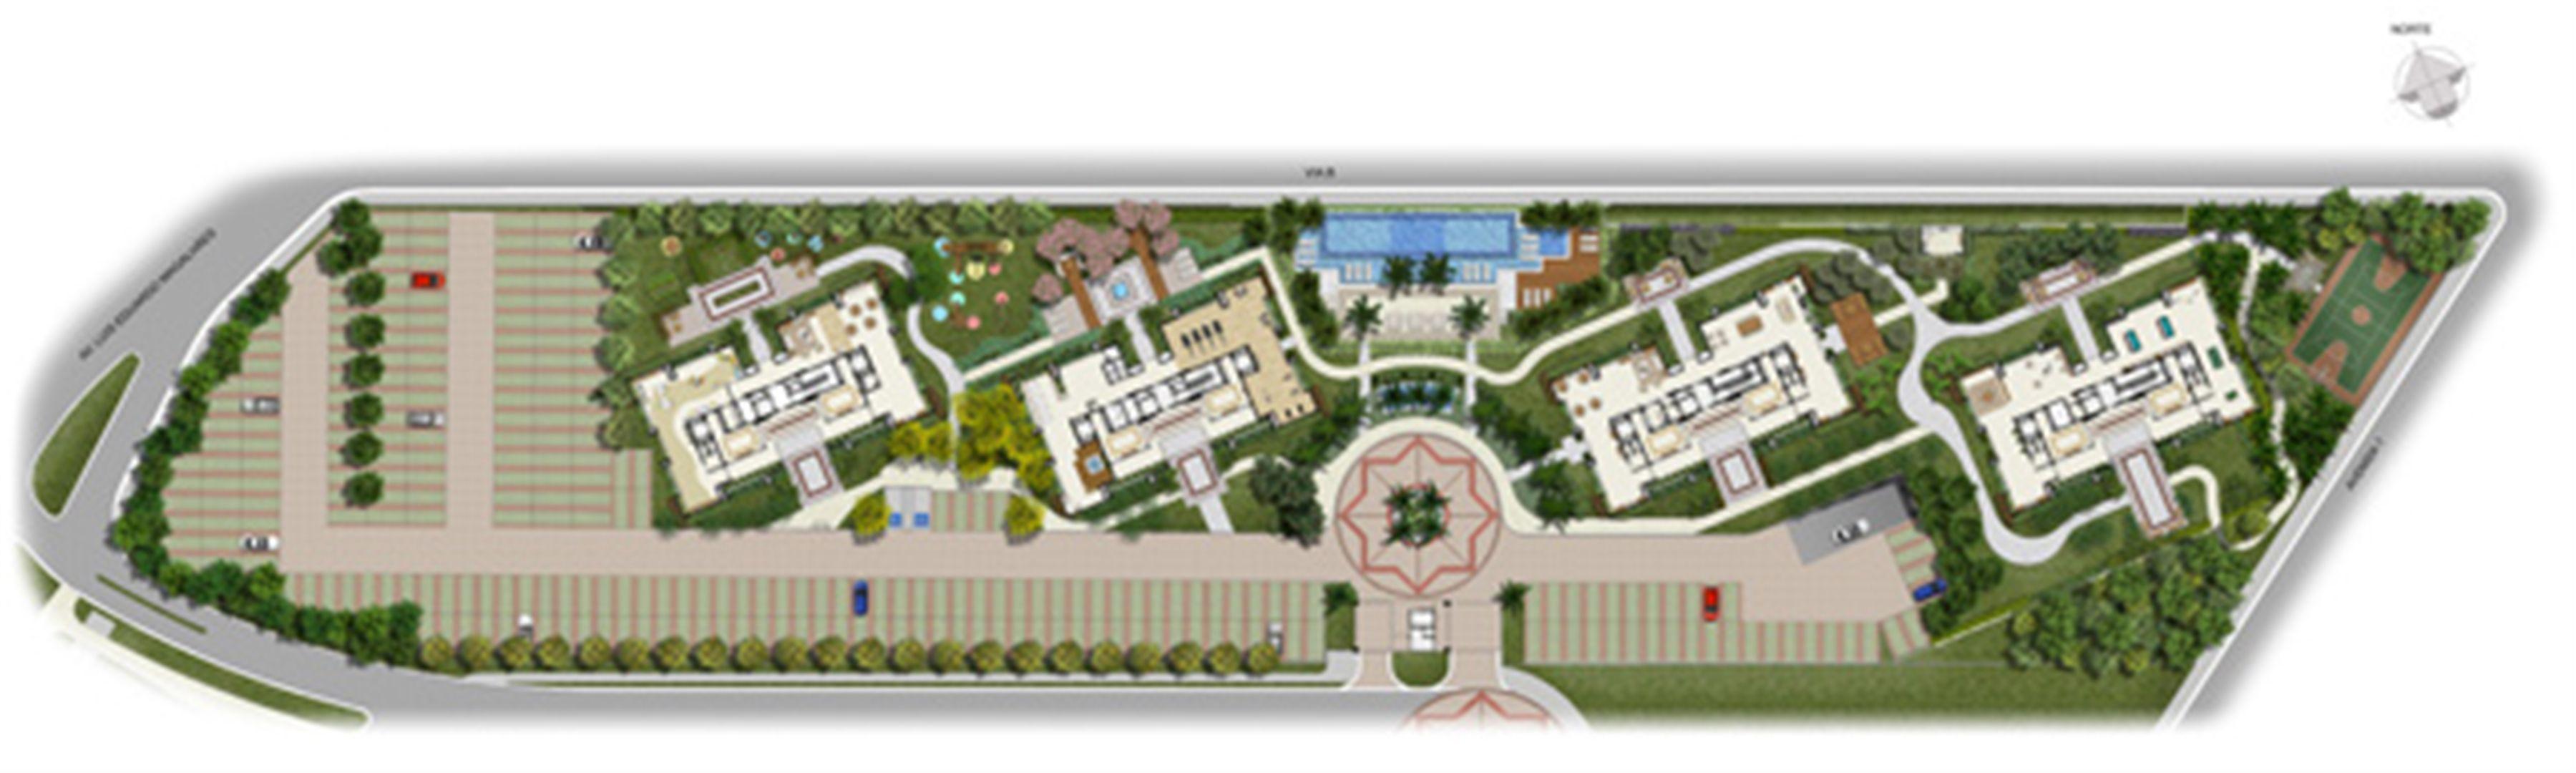 Perspectiva Ilustrada da Implantação | Jardim de Vêneto – Apartamento em  Altos do Calhau - São Luís - Maranhão